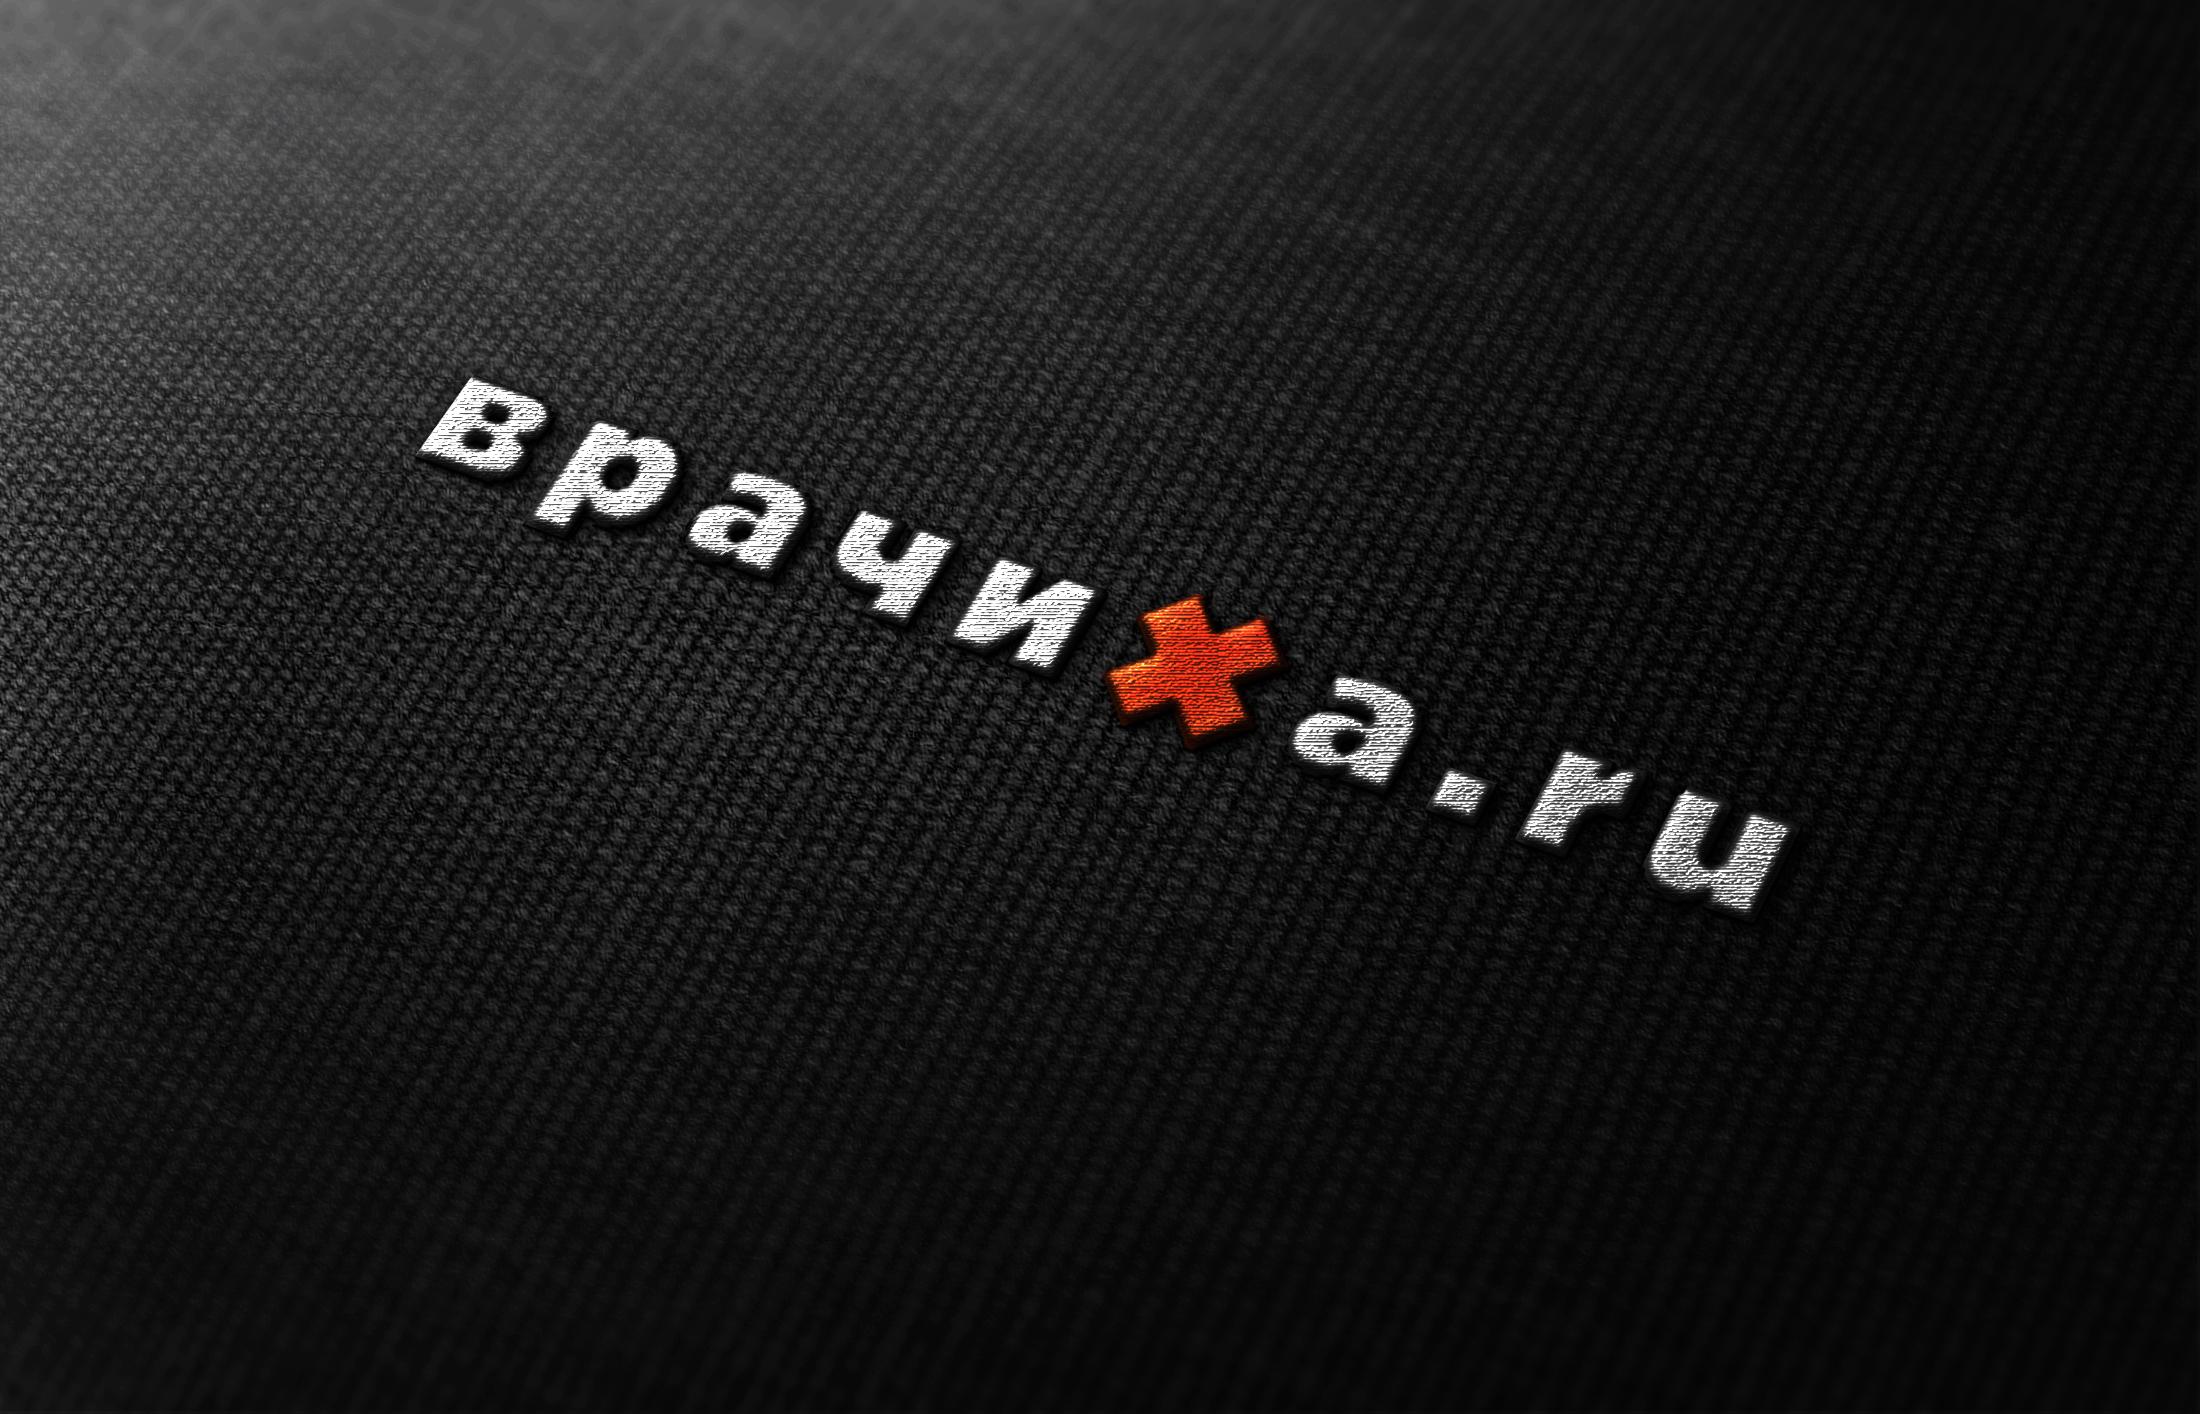 Необходимо разработать логотип для медицинского портала фото f_9155bfe2667cdcdb.jpg